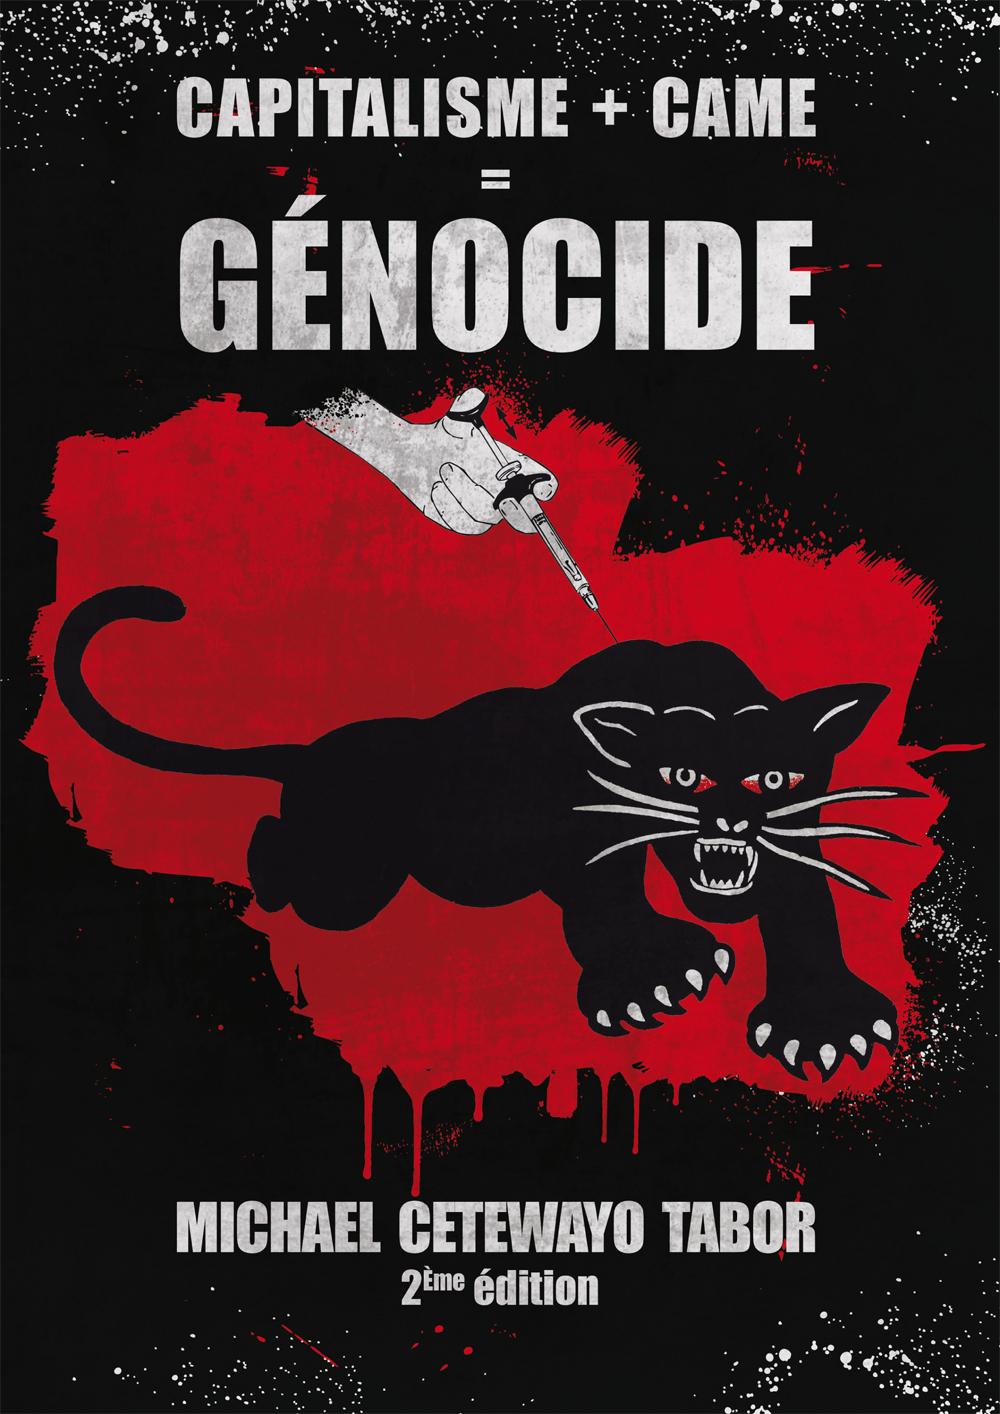 Capitalisme + Came = Génocide (Michael Cetewayo Tabor) - 2ème édition